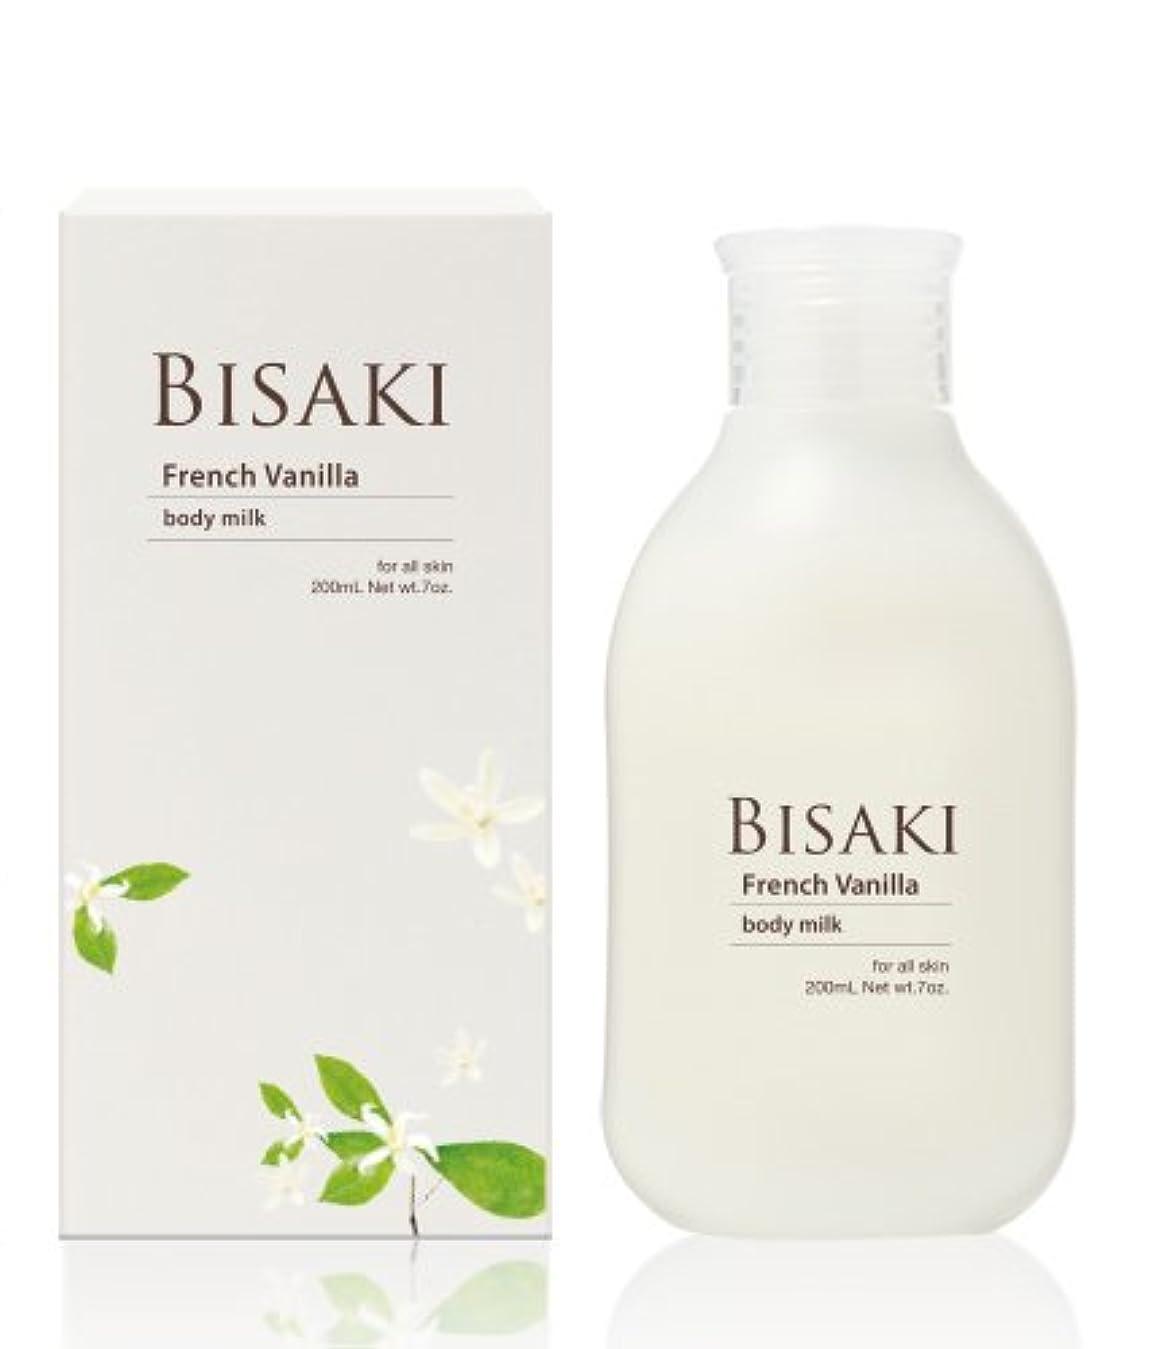 引き金抱擁注入するBISAKI ボディミルク フレンチバニラ 200mL